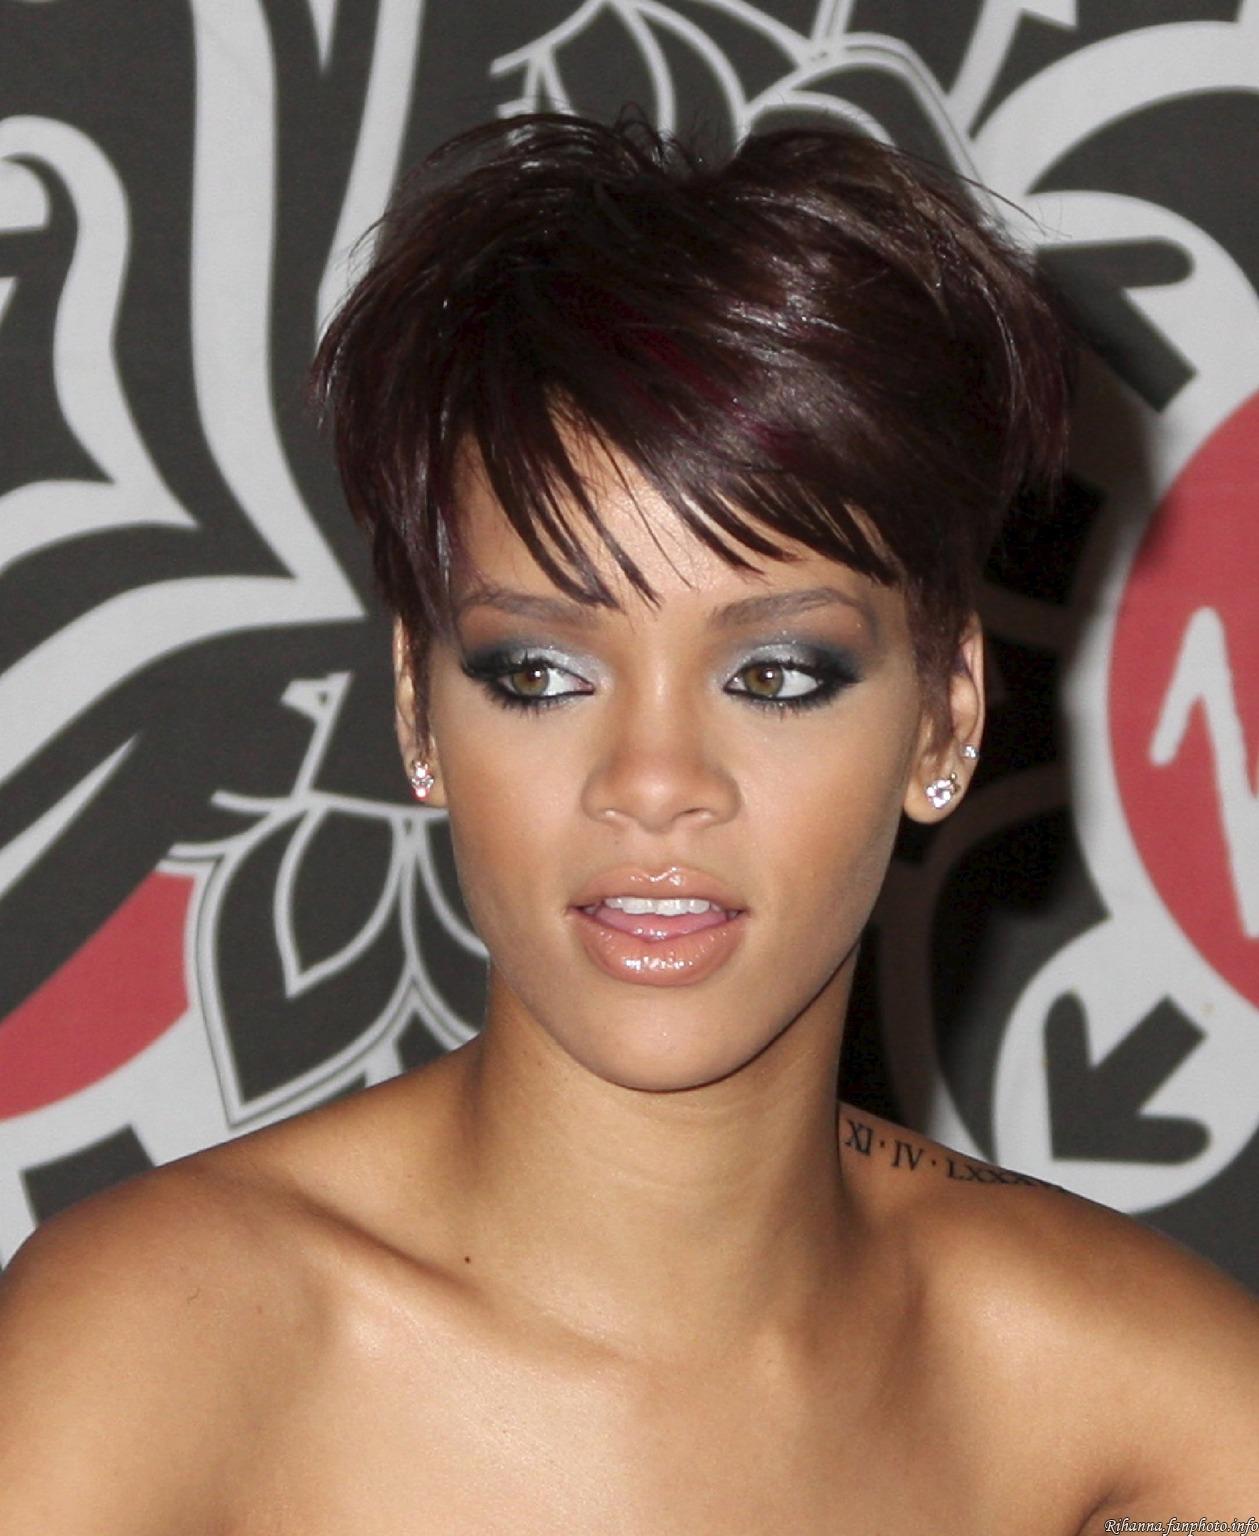 http://4.bp.blogspot.com/-QC8wkbP7LRc/T0oQB_72kAI/AAAAAAAACfM/ldTcVFfLItM/s1600/rihanna-hairstyle-pictures-%2B%2525286%252529.jpg